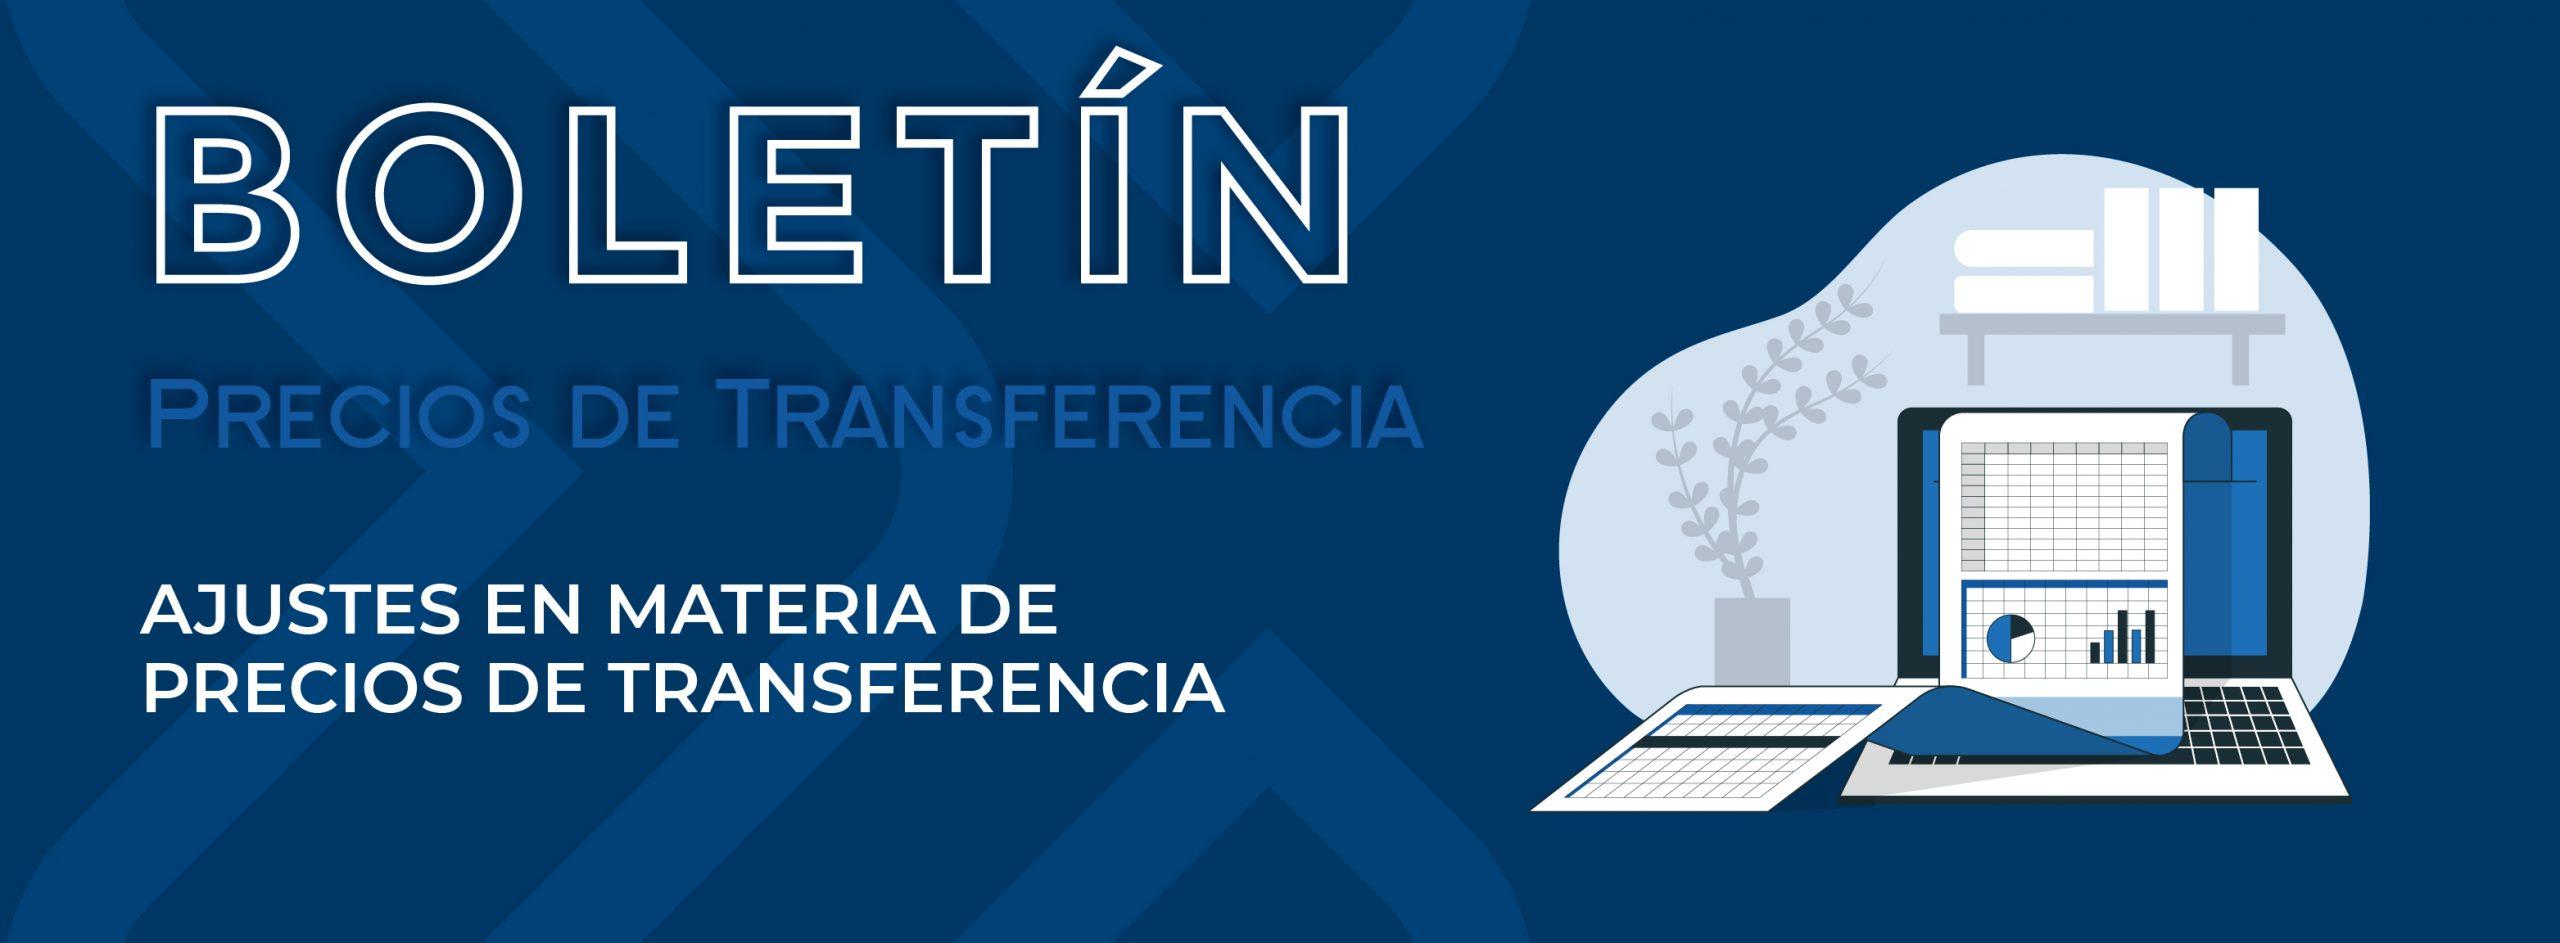 AJUSTES EN MATERIA DE PRECIOS DE TRANSFERENCIA